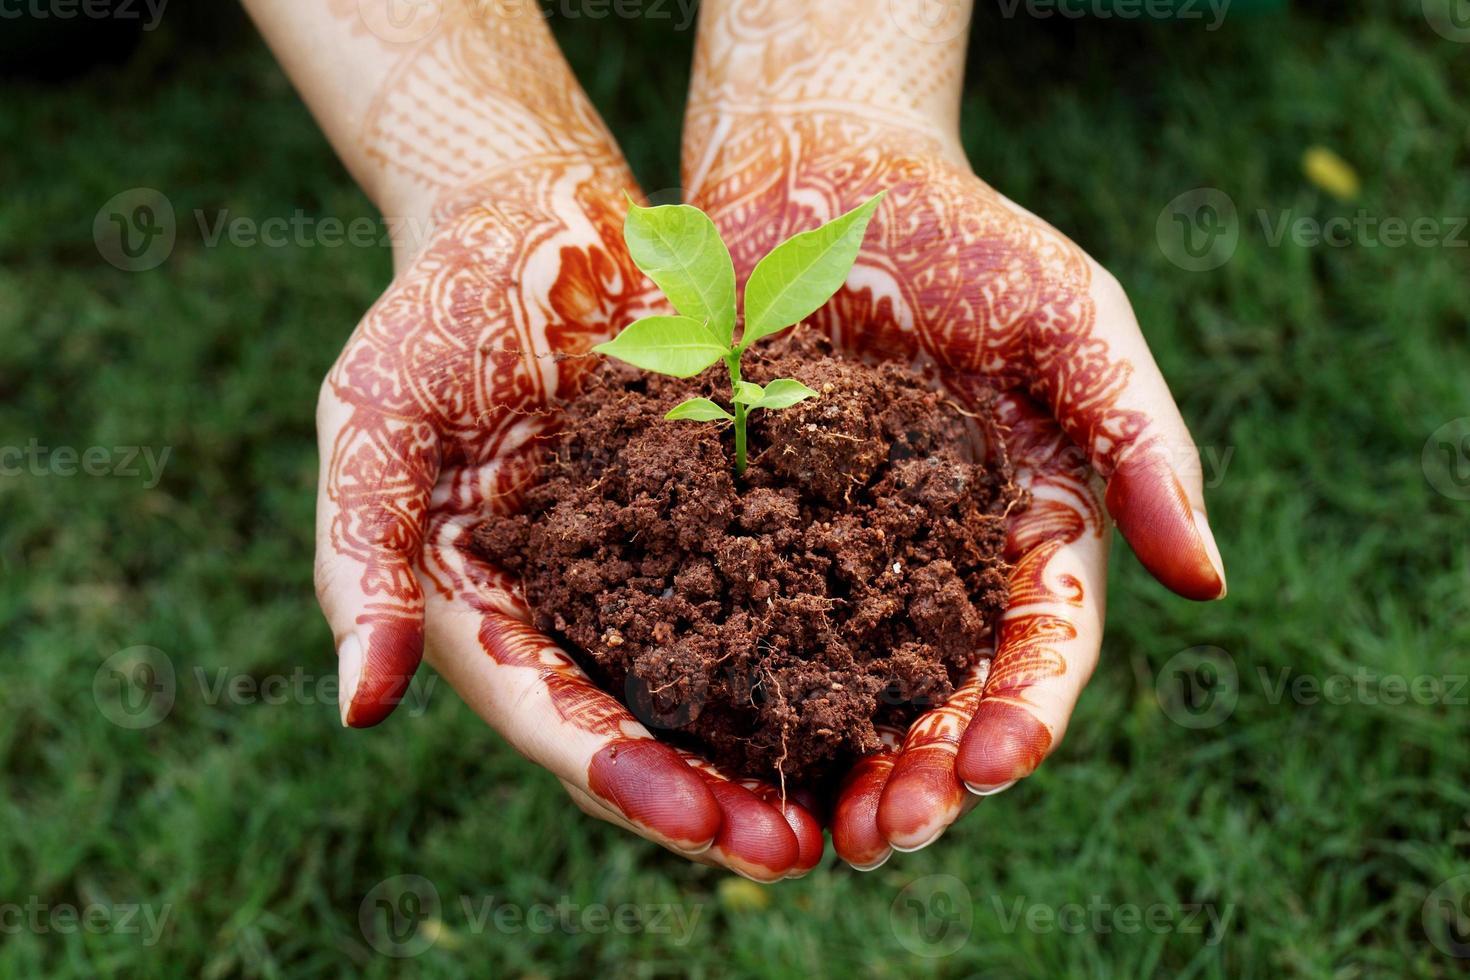 händer som håller en liten växt - nytt liv foto